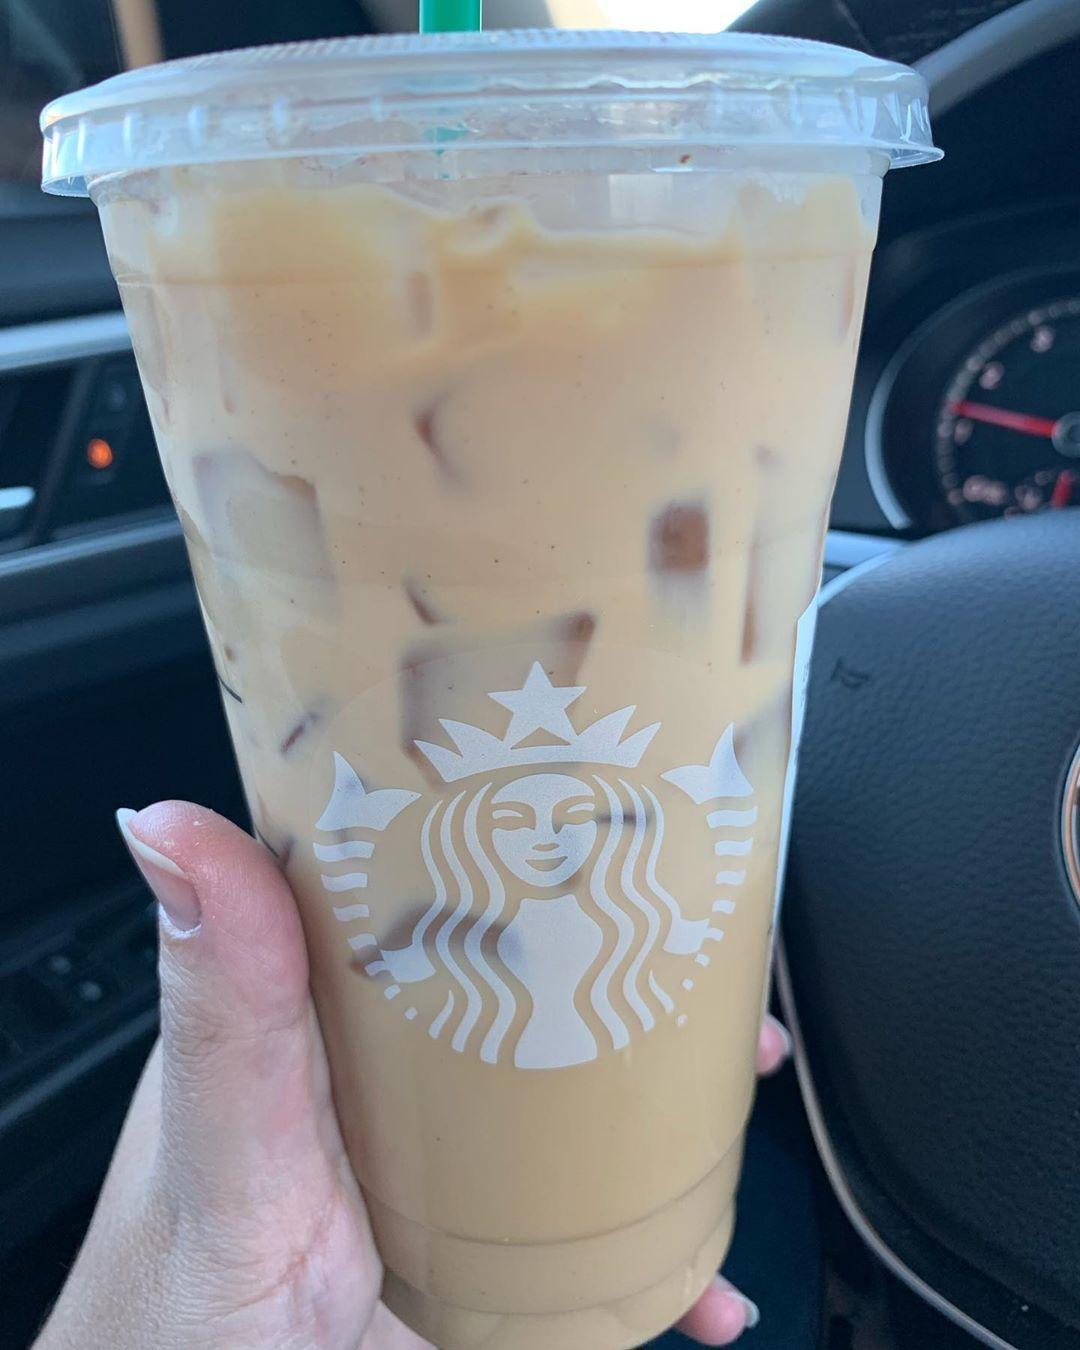 Starbucks Iced Cinnamon Dolce Latte #starbucks #latte